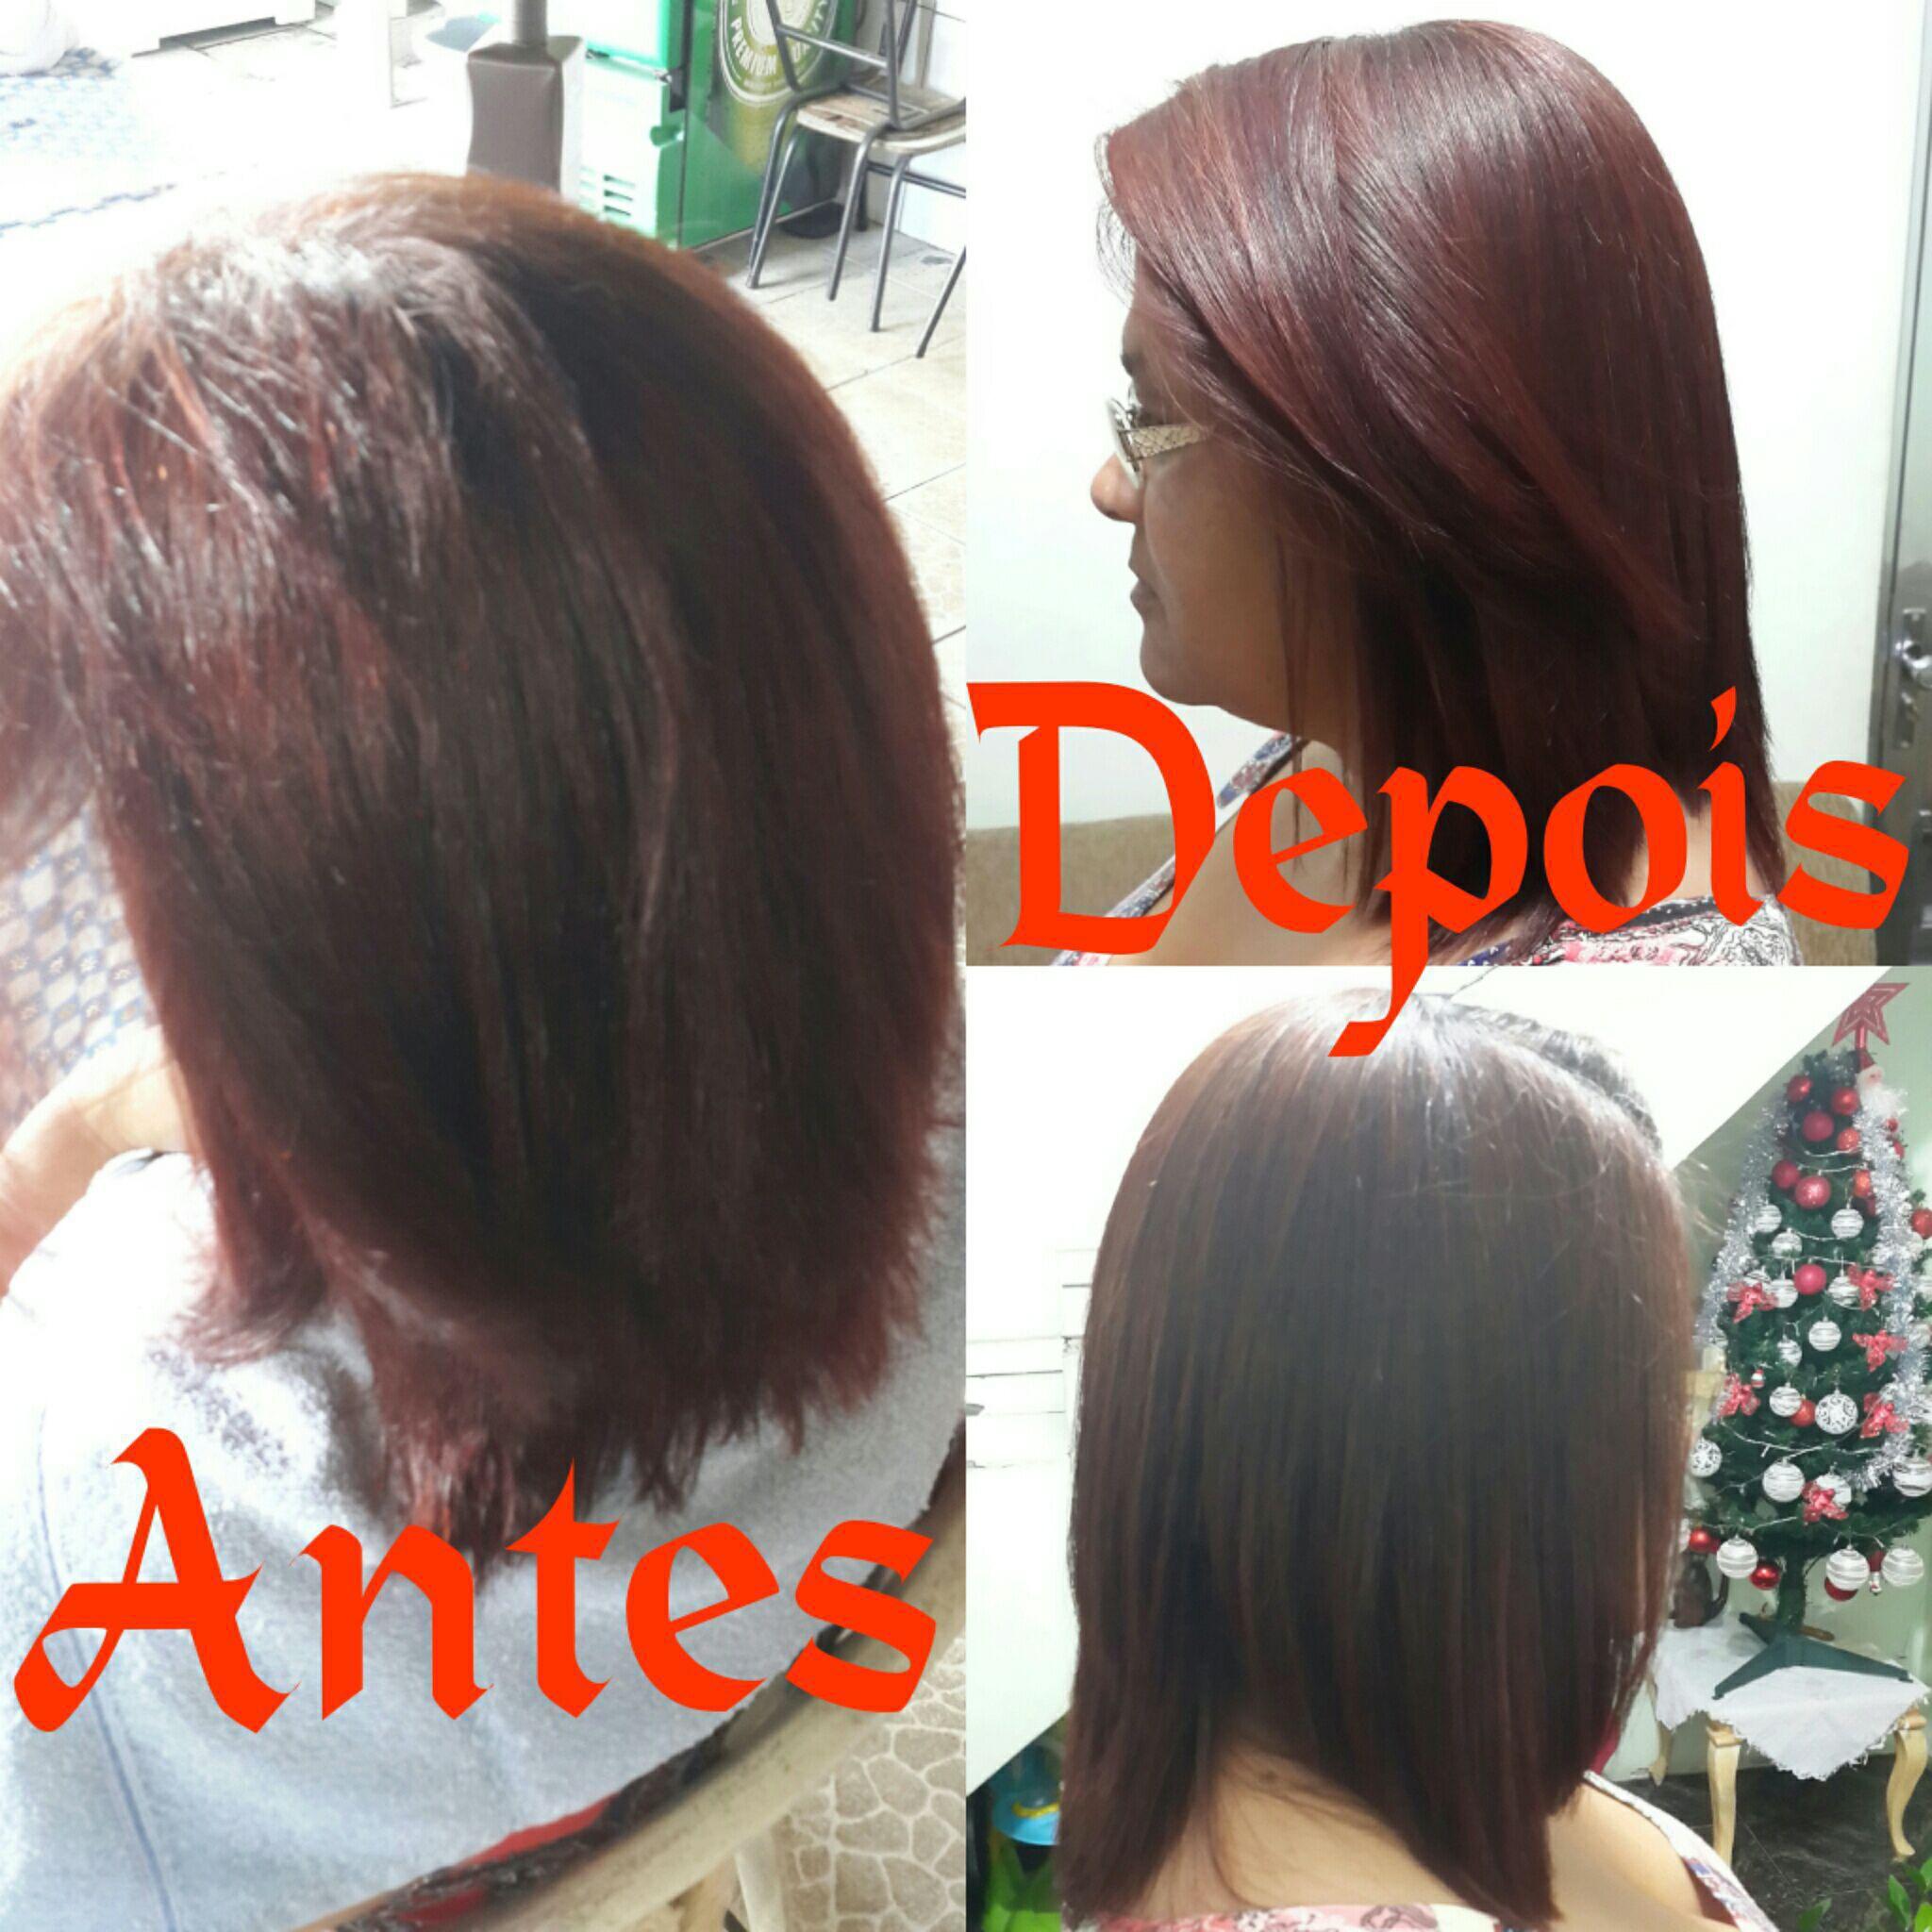 Fiz Progressiva com o Produto Zap. cabelo auxiliar cabeleireiro(a)